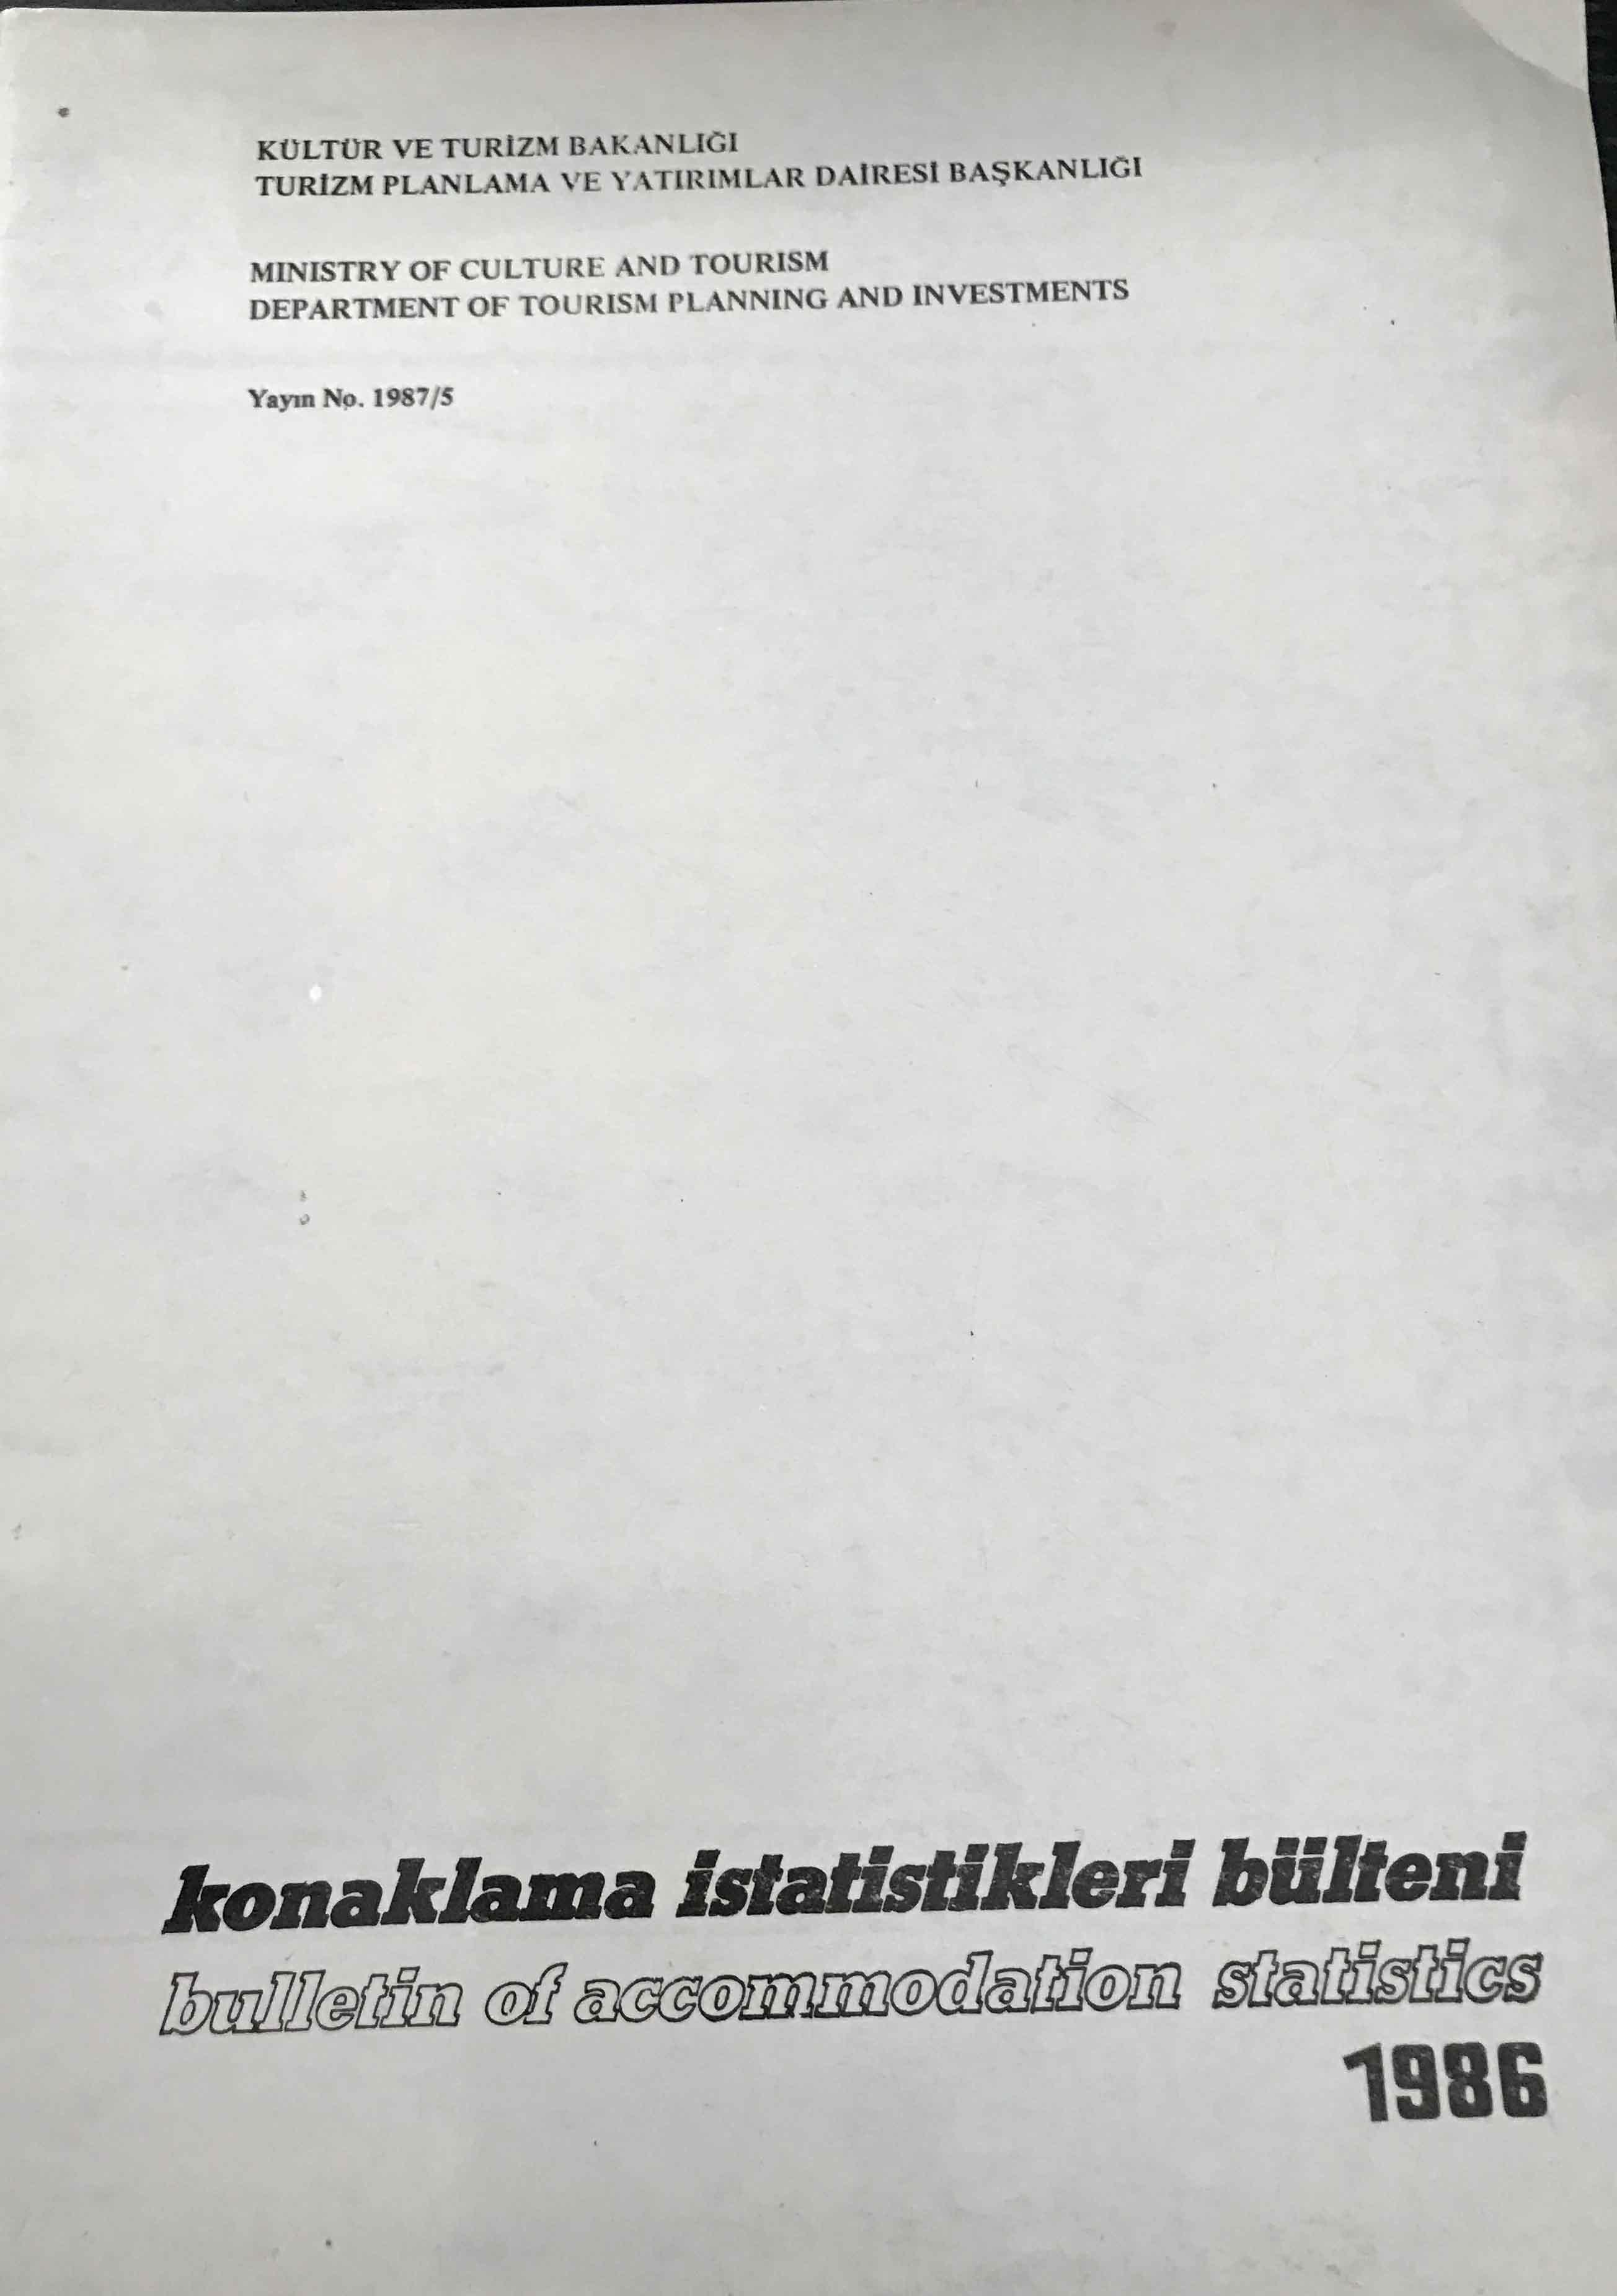 Konaklama İstatistikleri Bülteni 1986 Kitap Kapağı